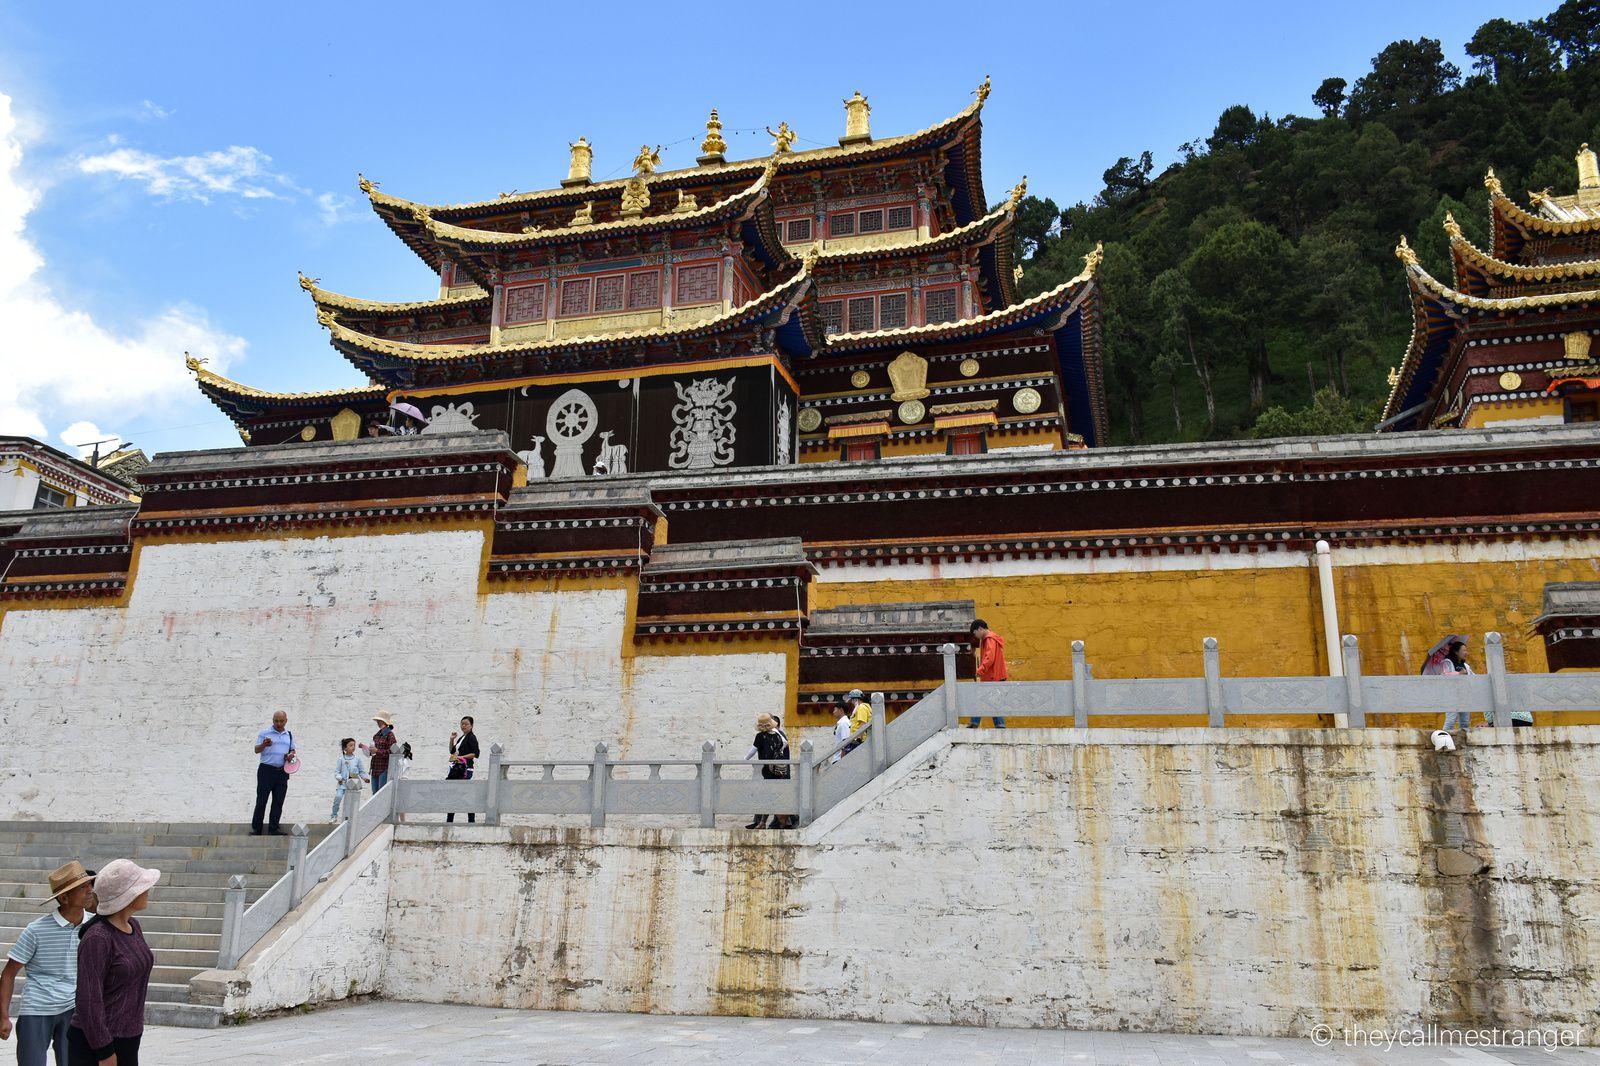 Les monastères bouddhistes tibétains de Langmusi 郎木寺